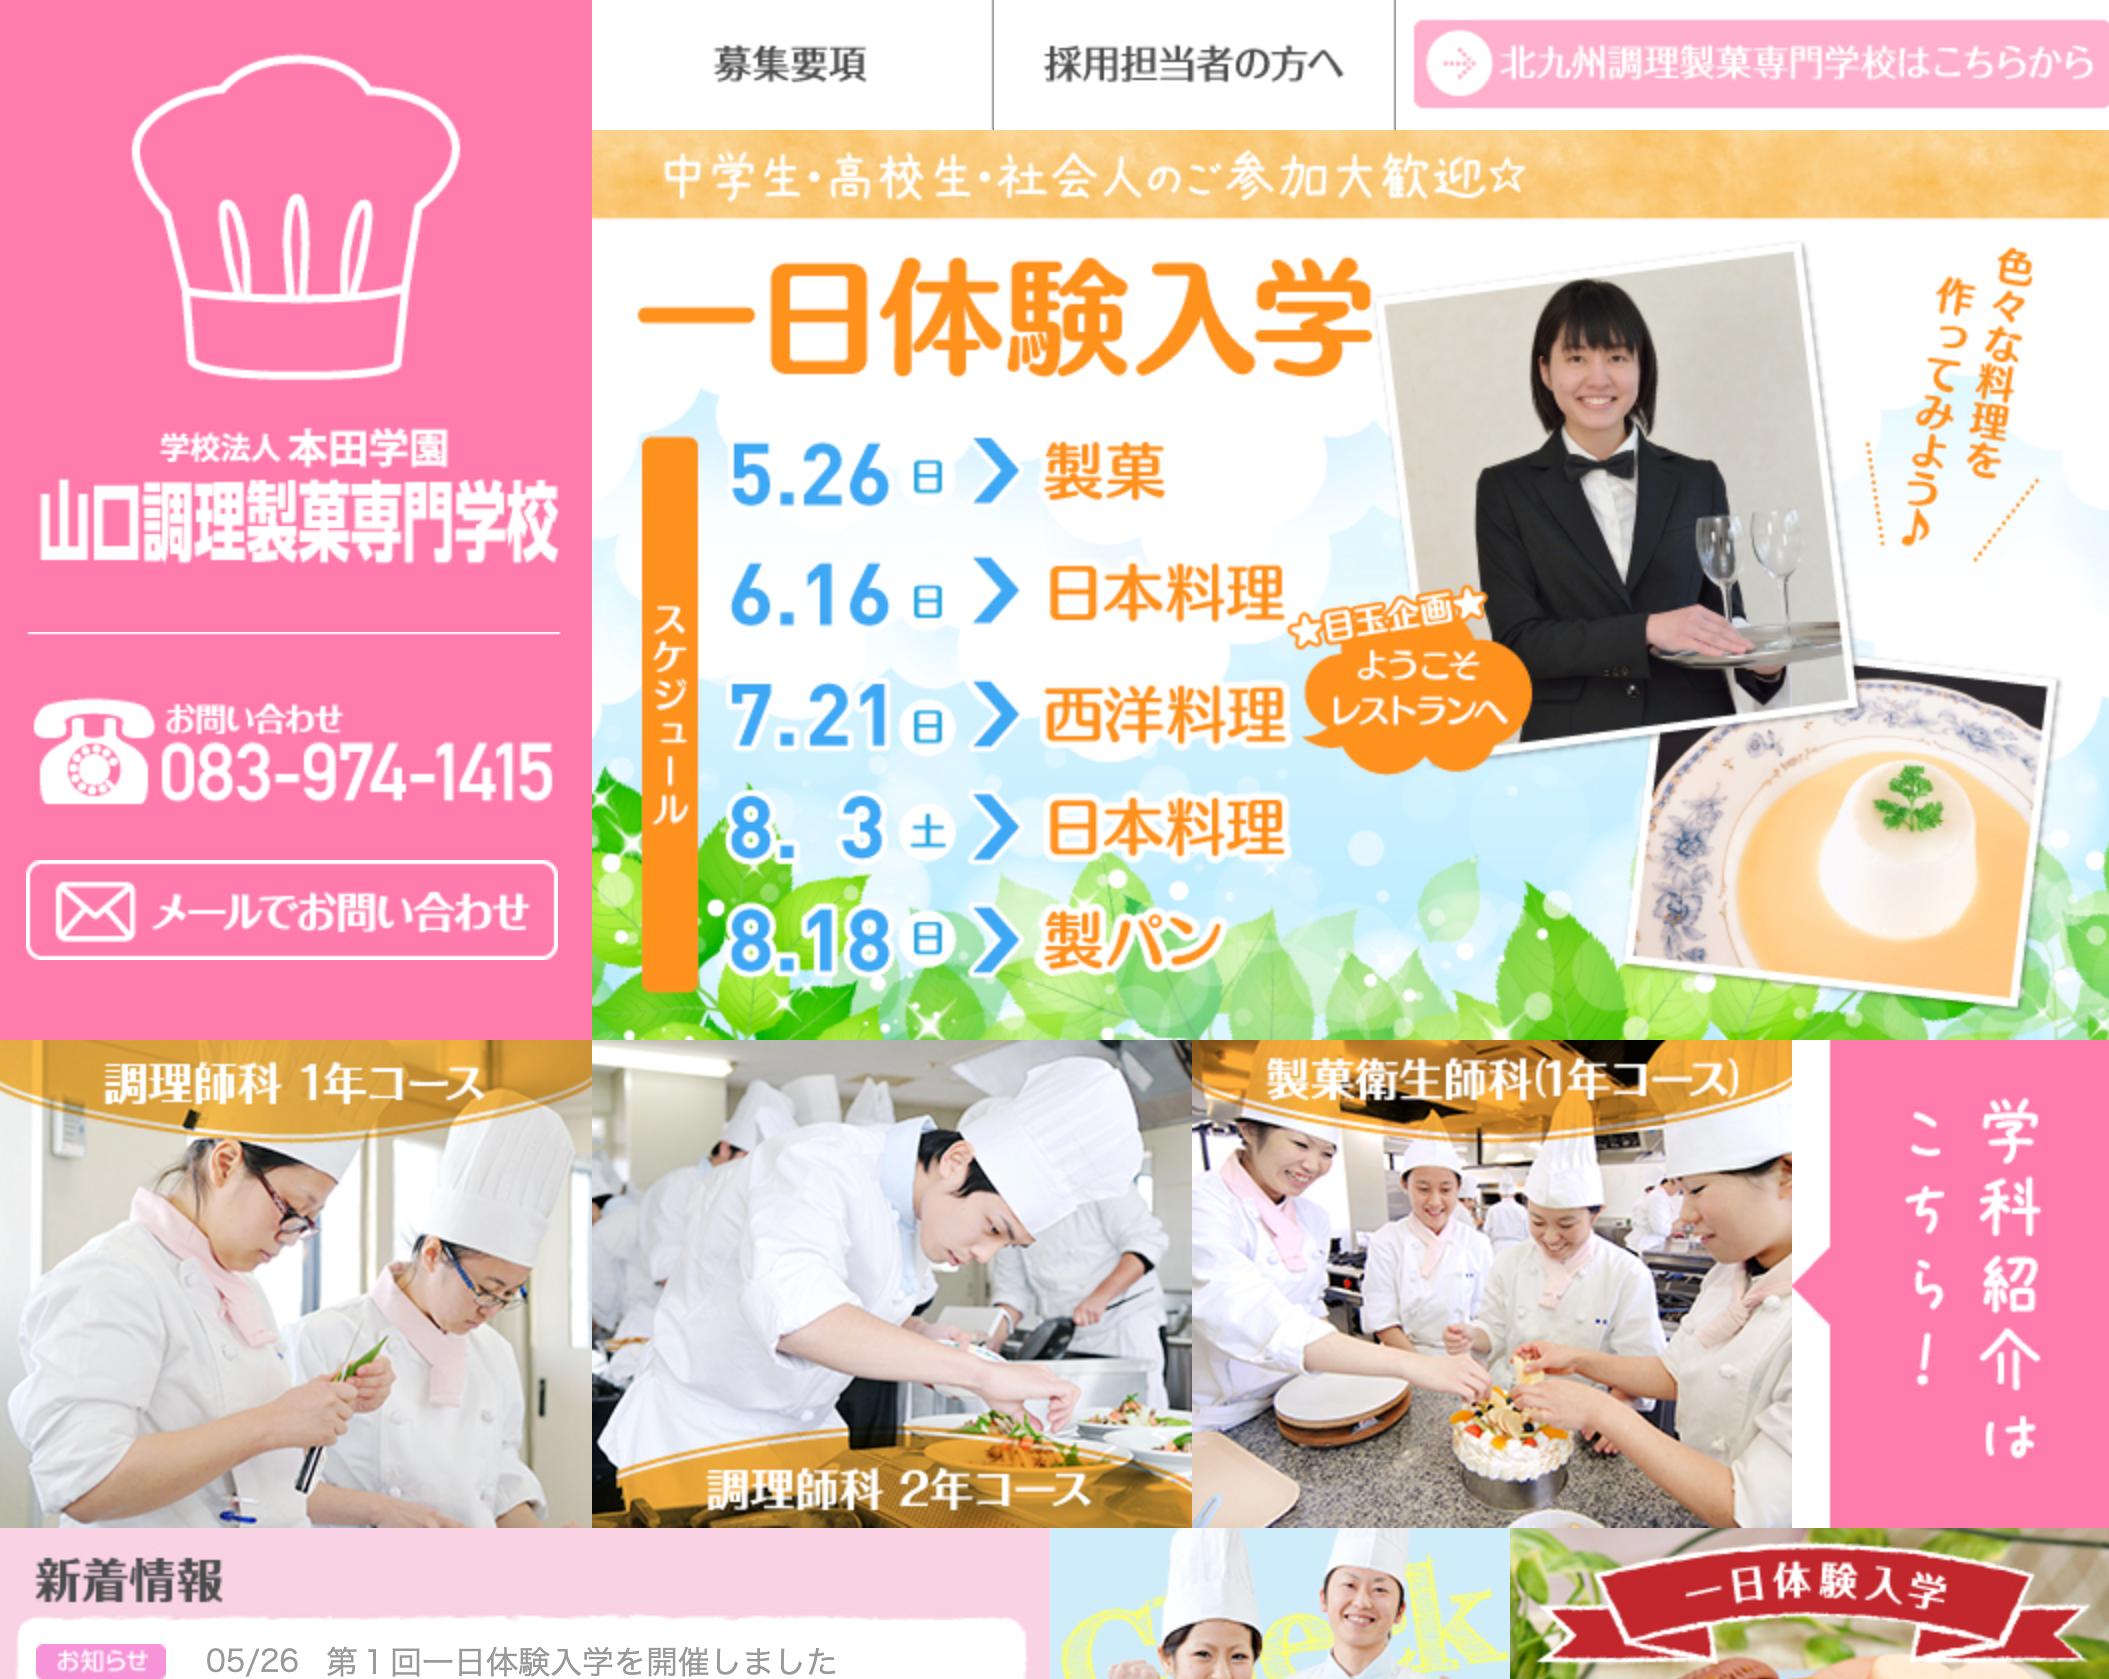 学校法人本田学園 山口調理製菓専門学校様